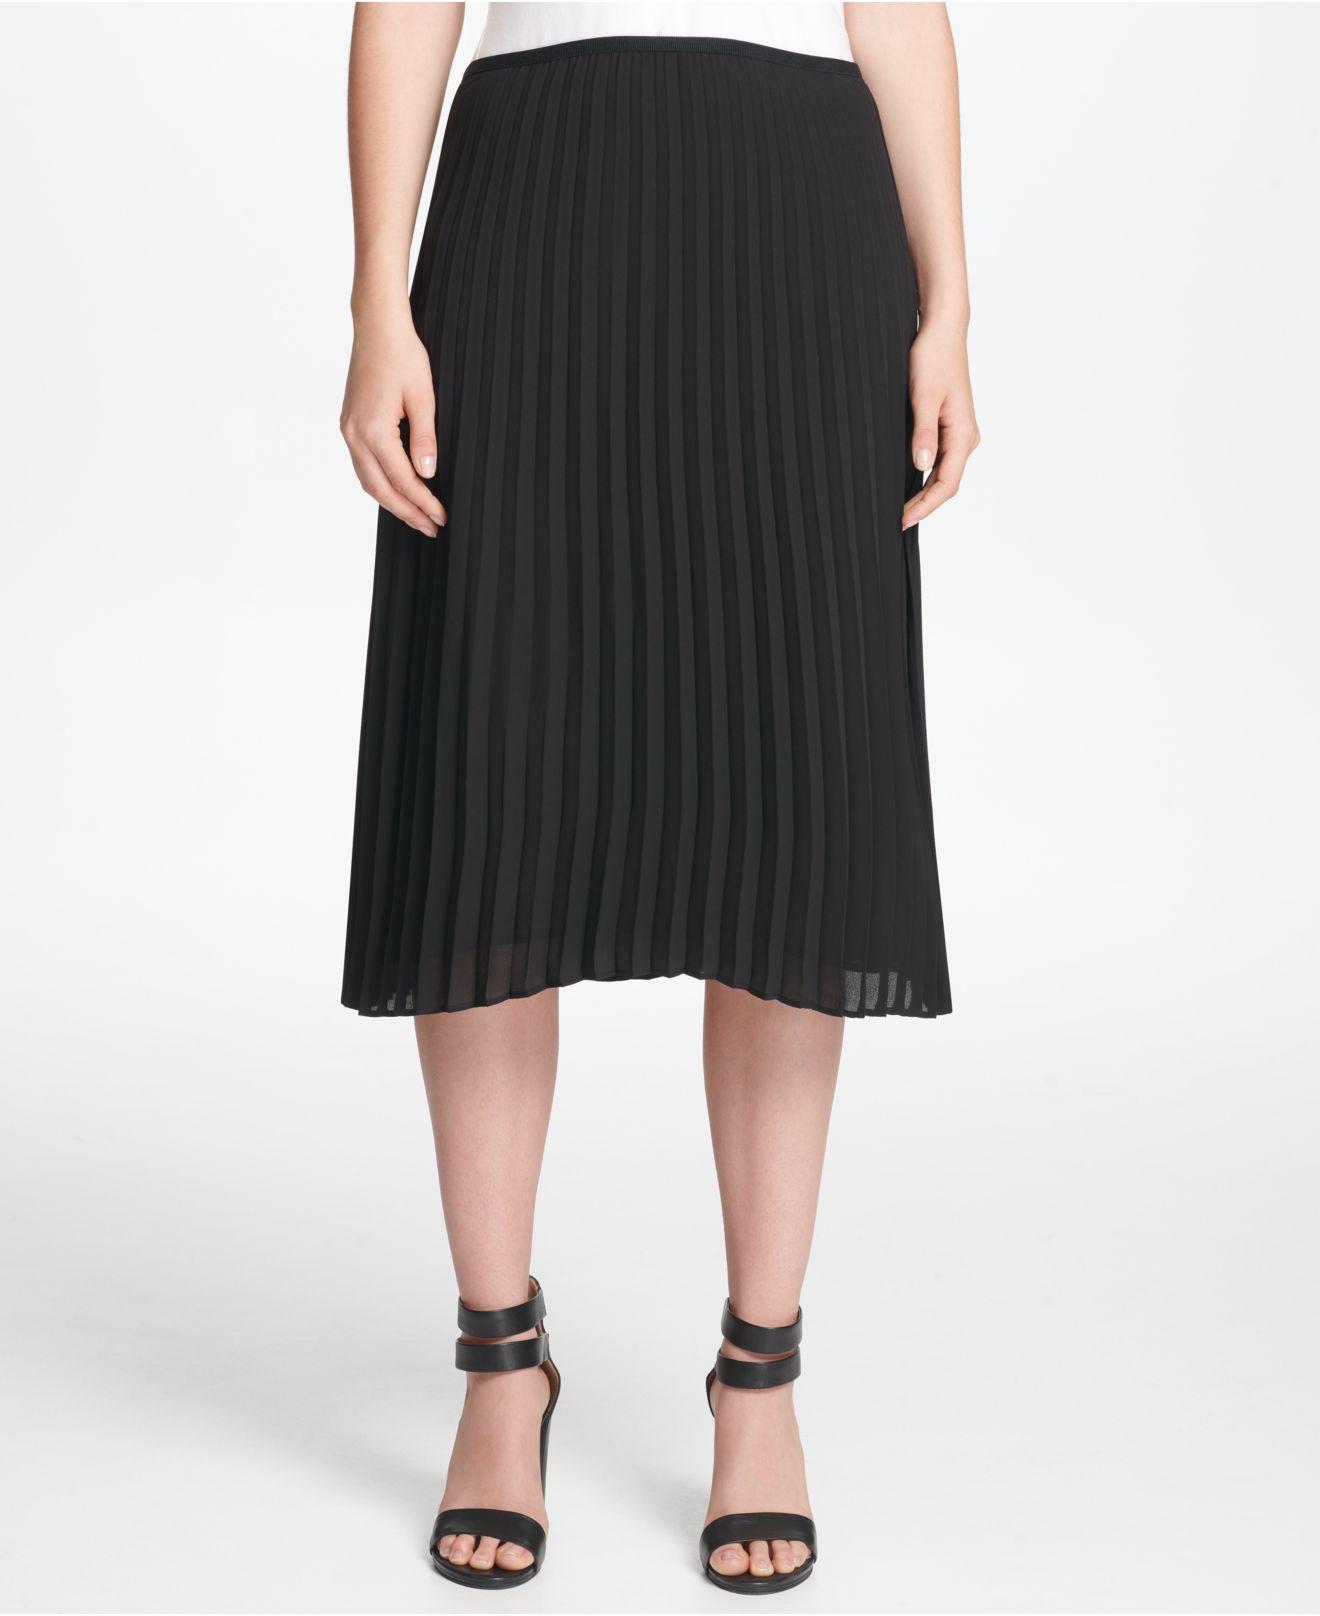 adb5a8bf5 DKNY Petite Pleated Midi Skirt in Black - Lyst